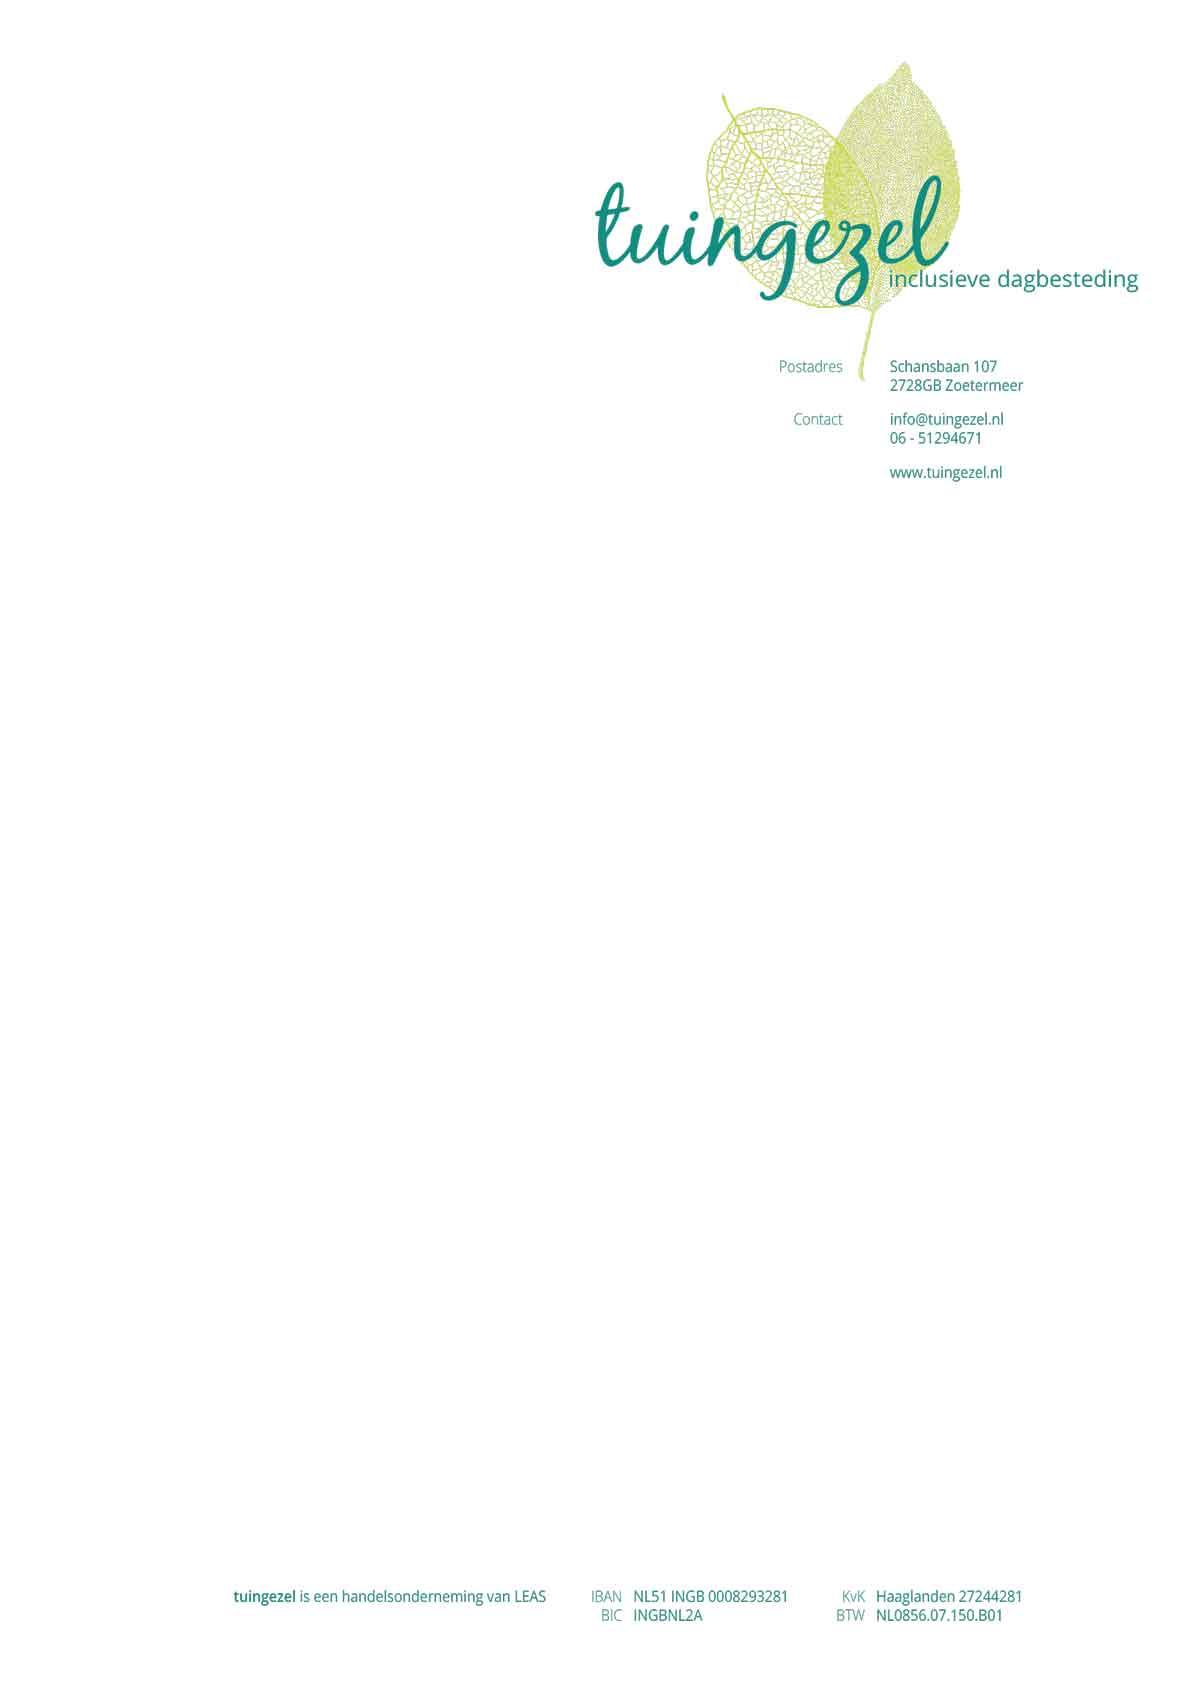 tuingezel-briefpapier-druk-1